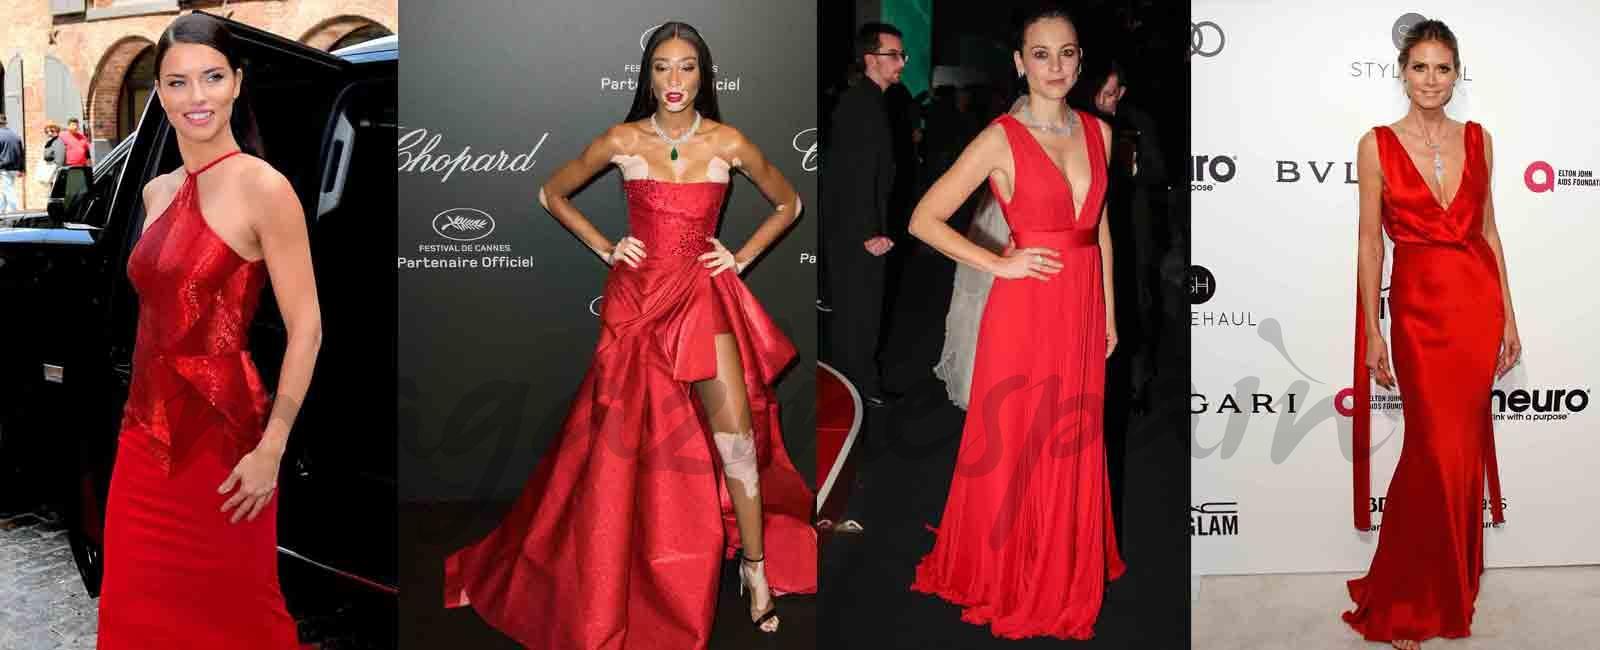 Las celebrites apuestan por el color rojo en 2017- Parte II